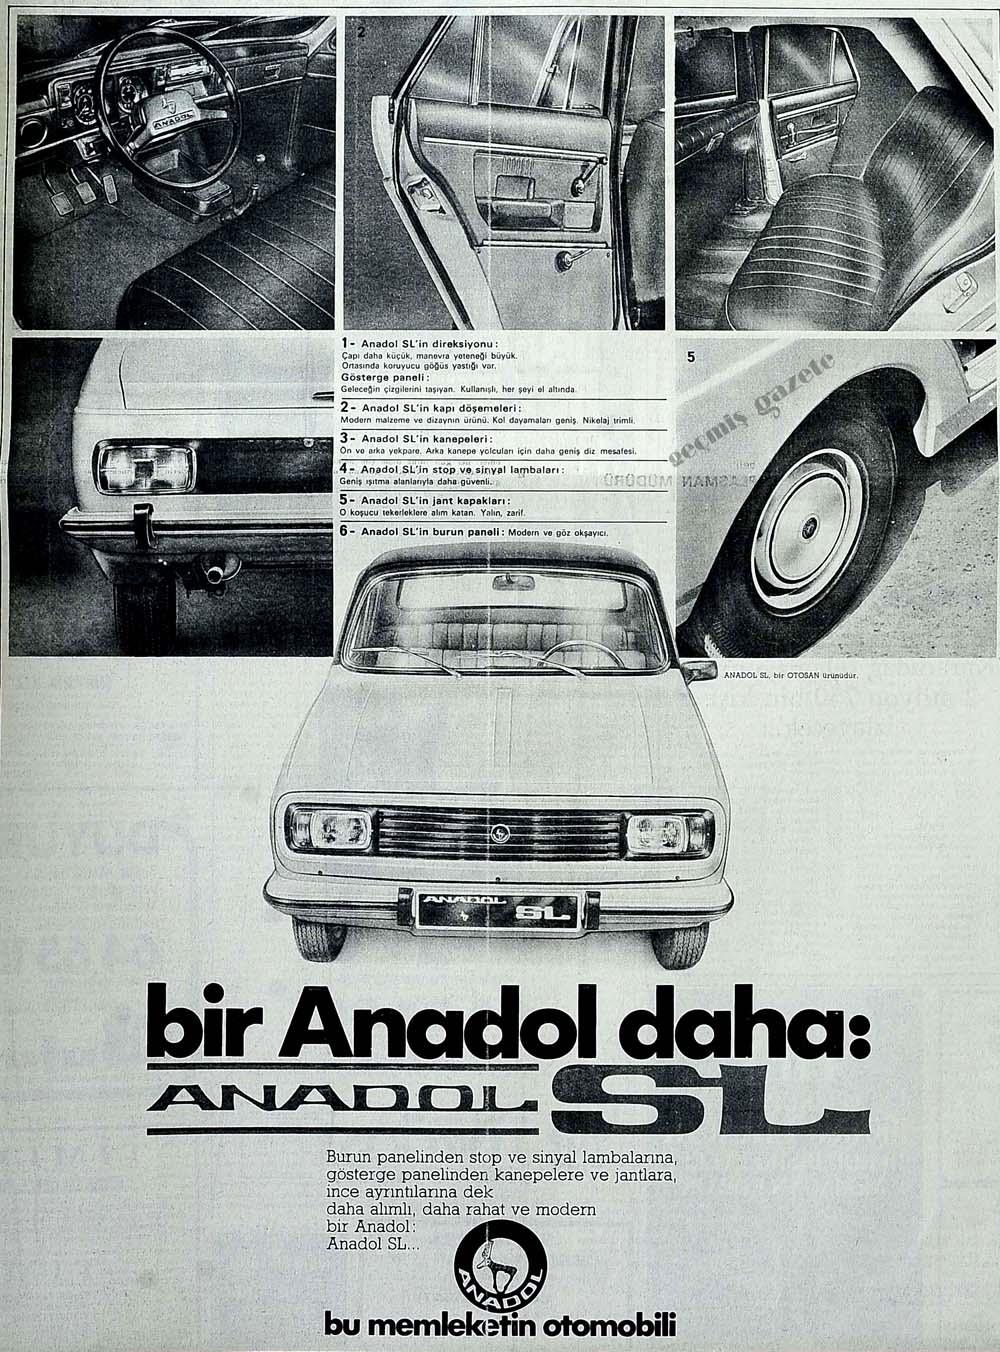 Bir Anadol daha: Anadol SL